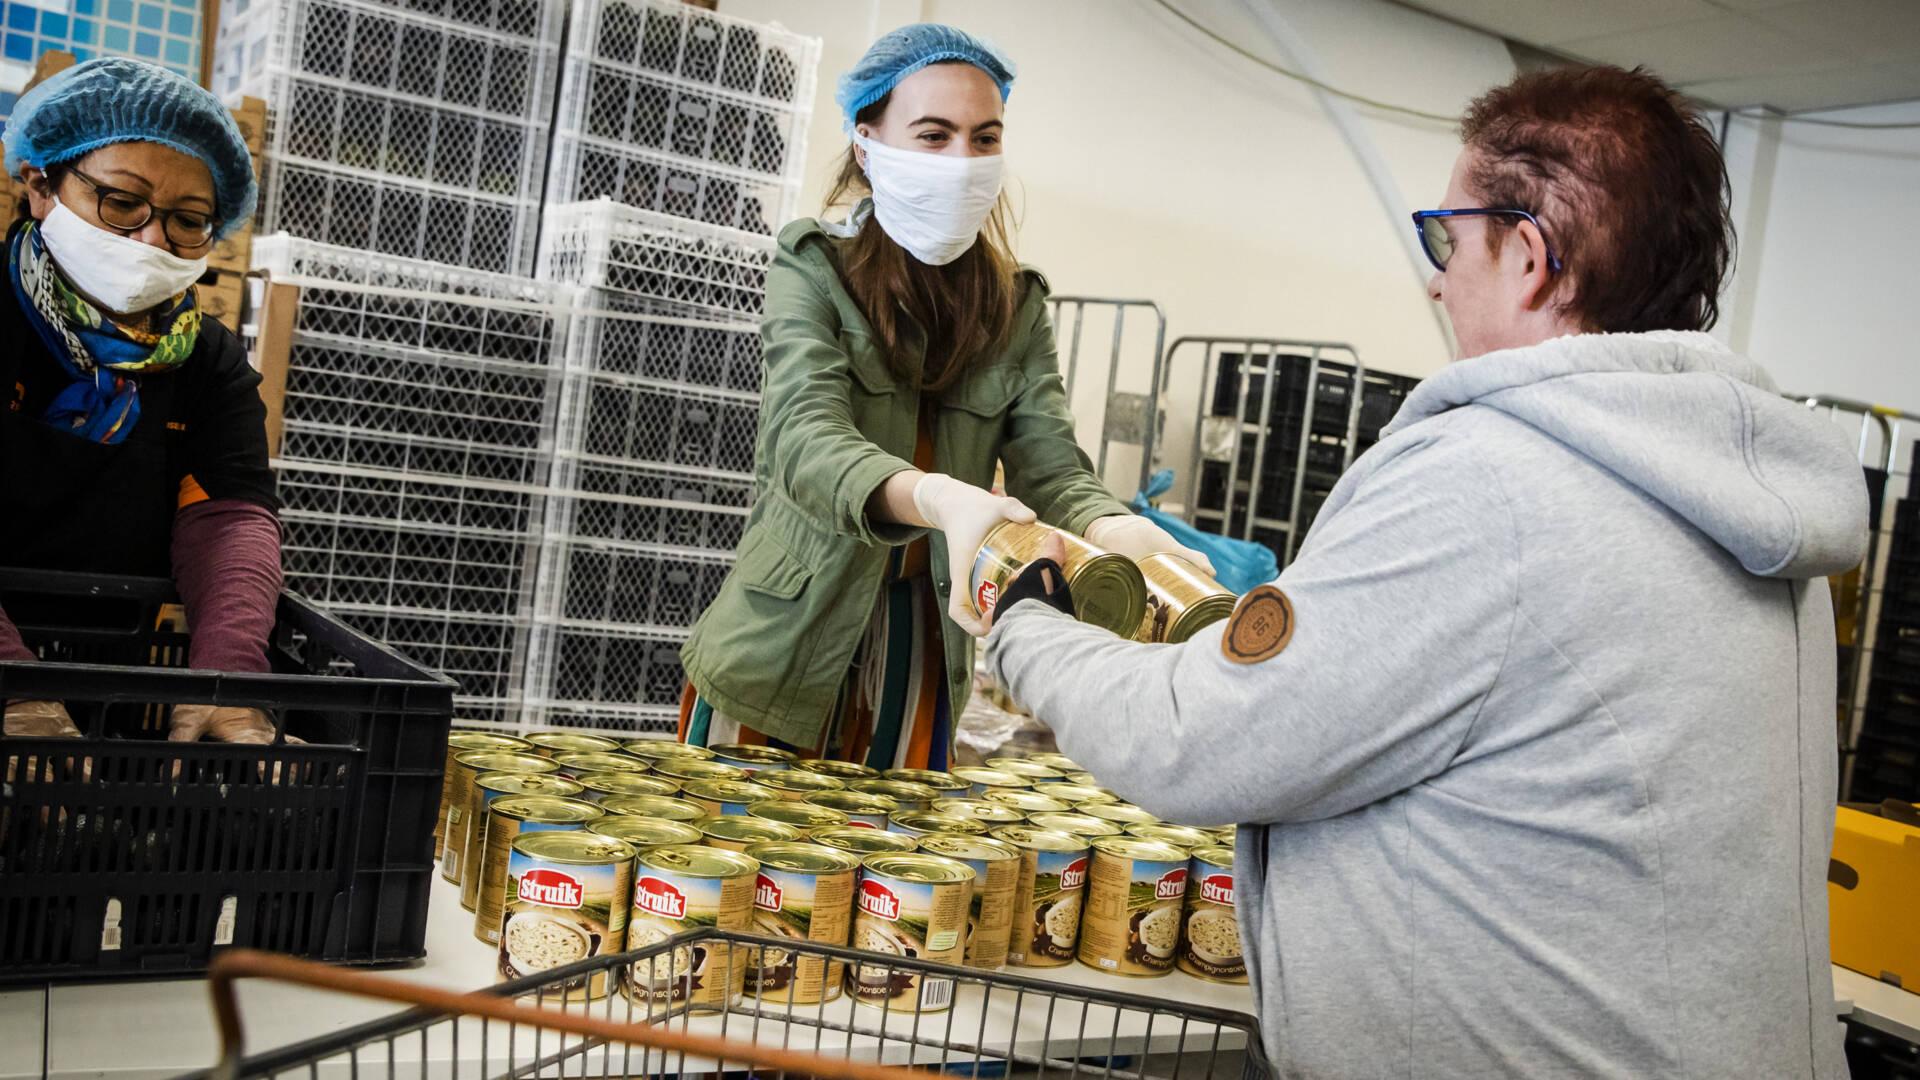 بنوك الطعام فارغة بسبب قلة التبرعات الغذائية